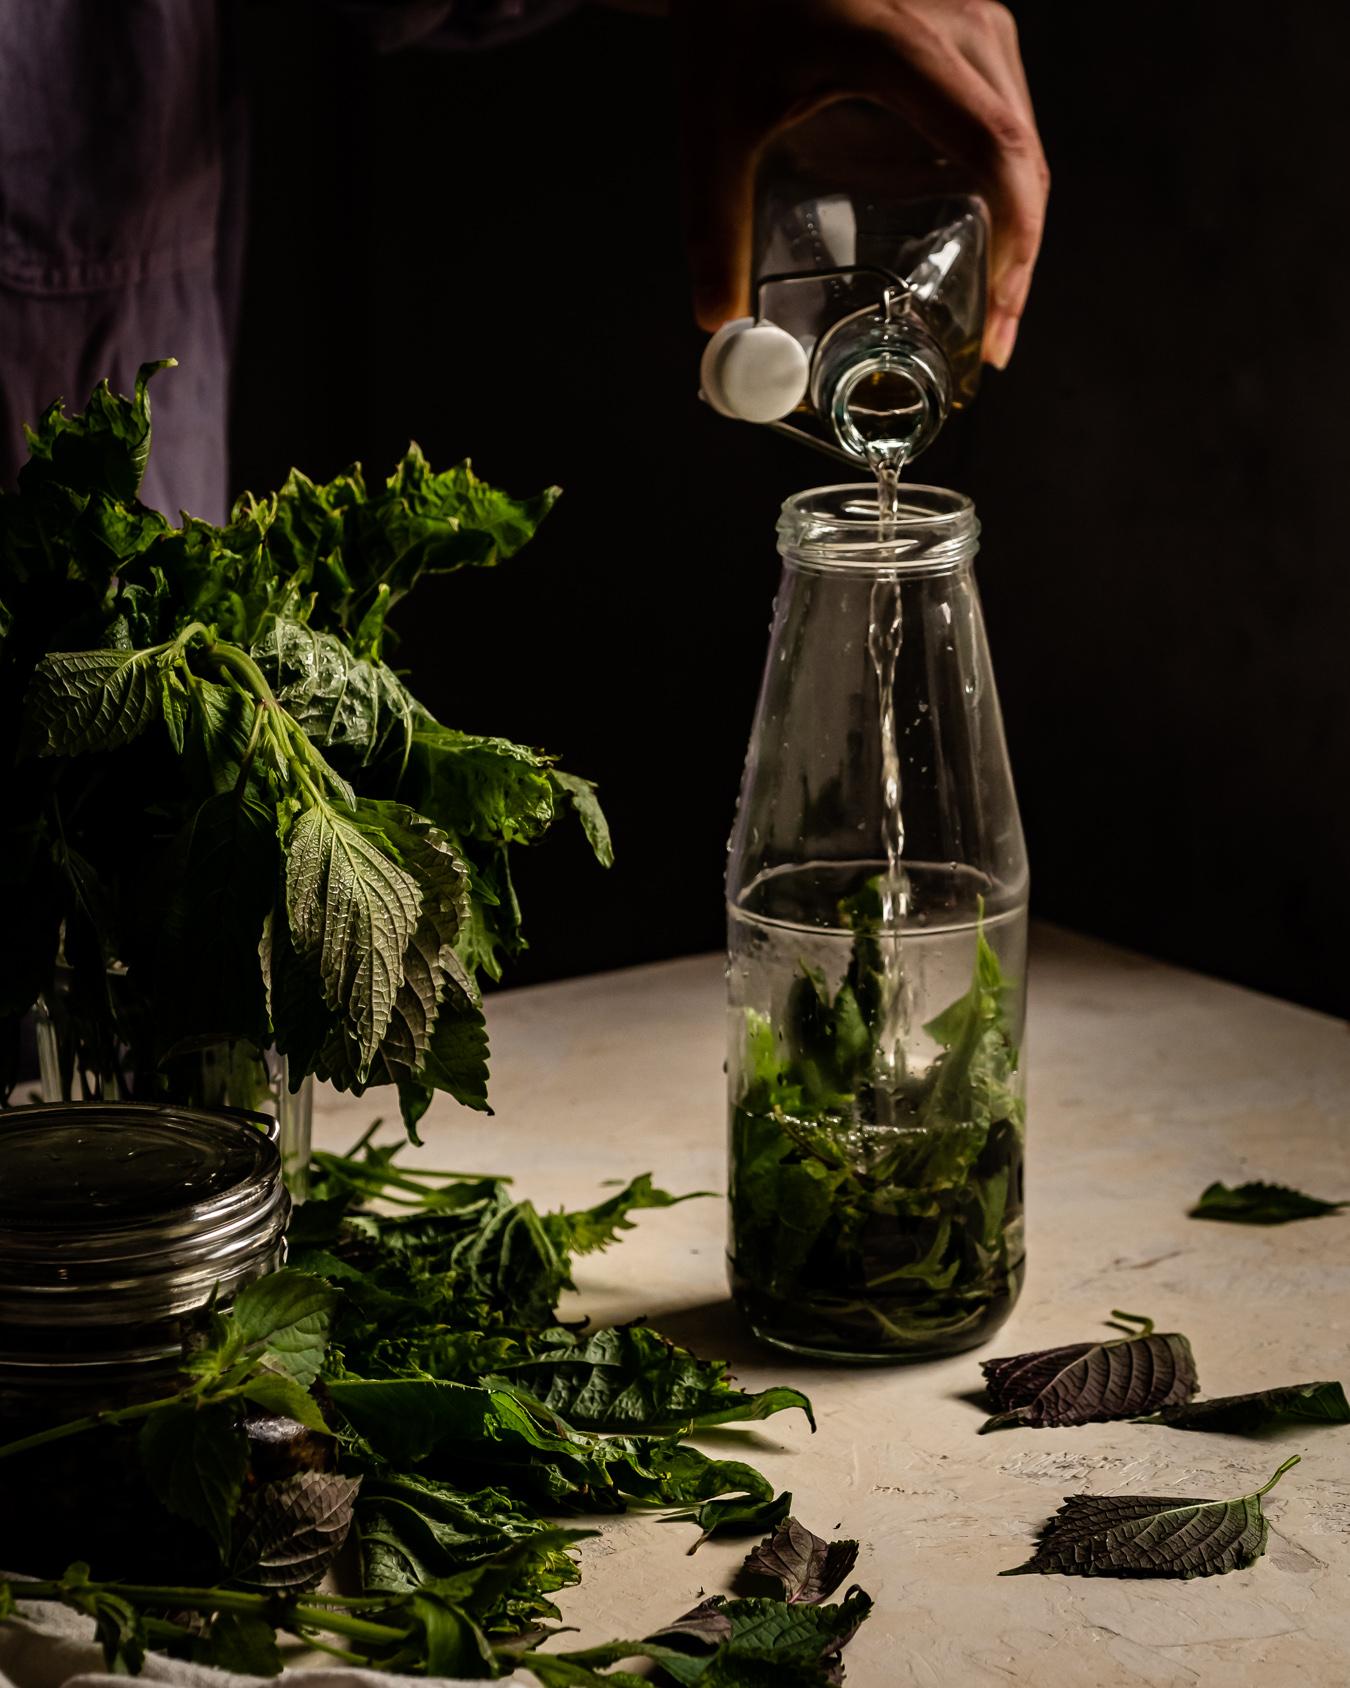 shiso infused vinegar